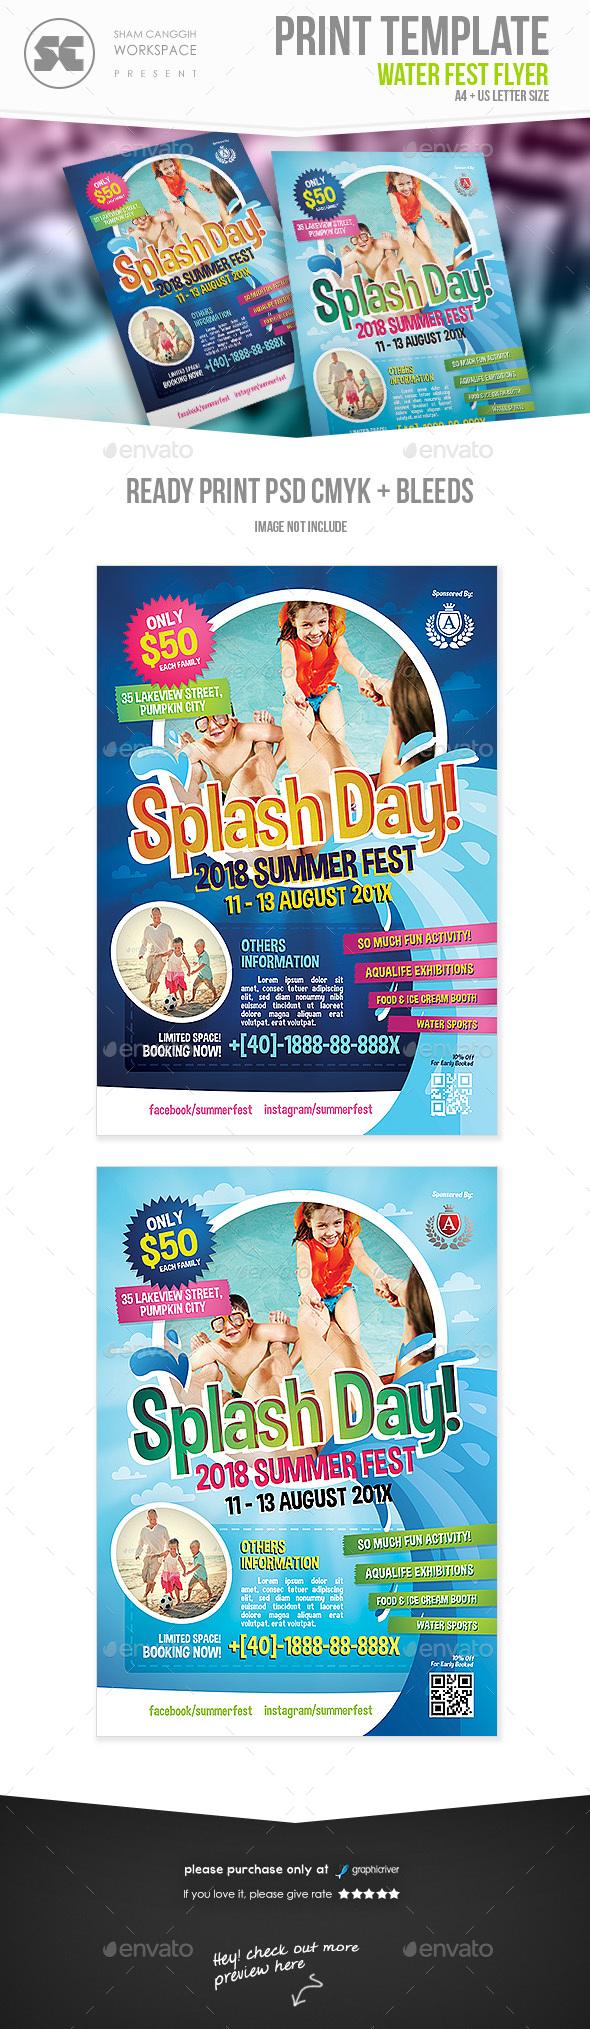 Water Fest Flyer